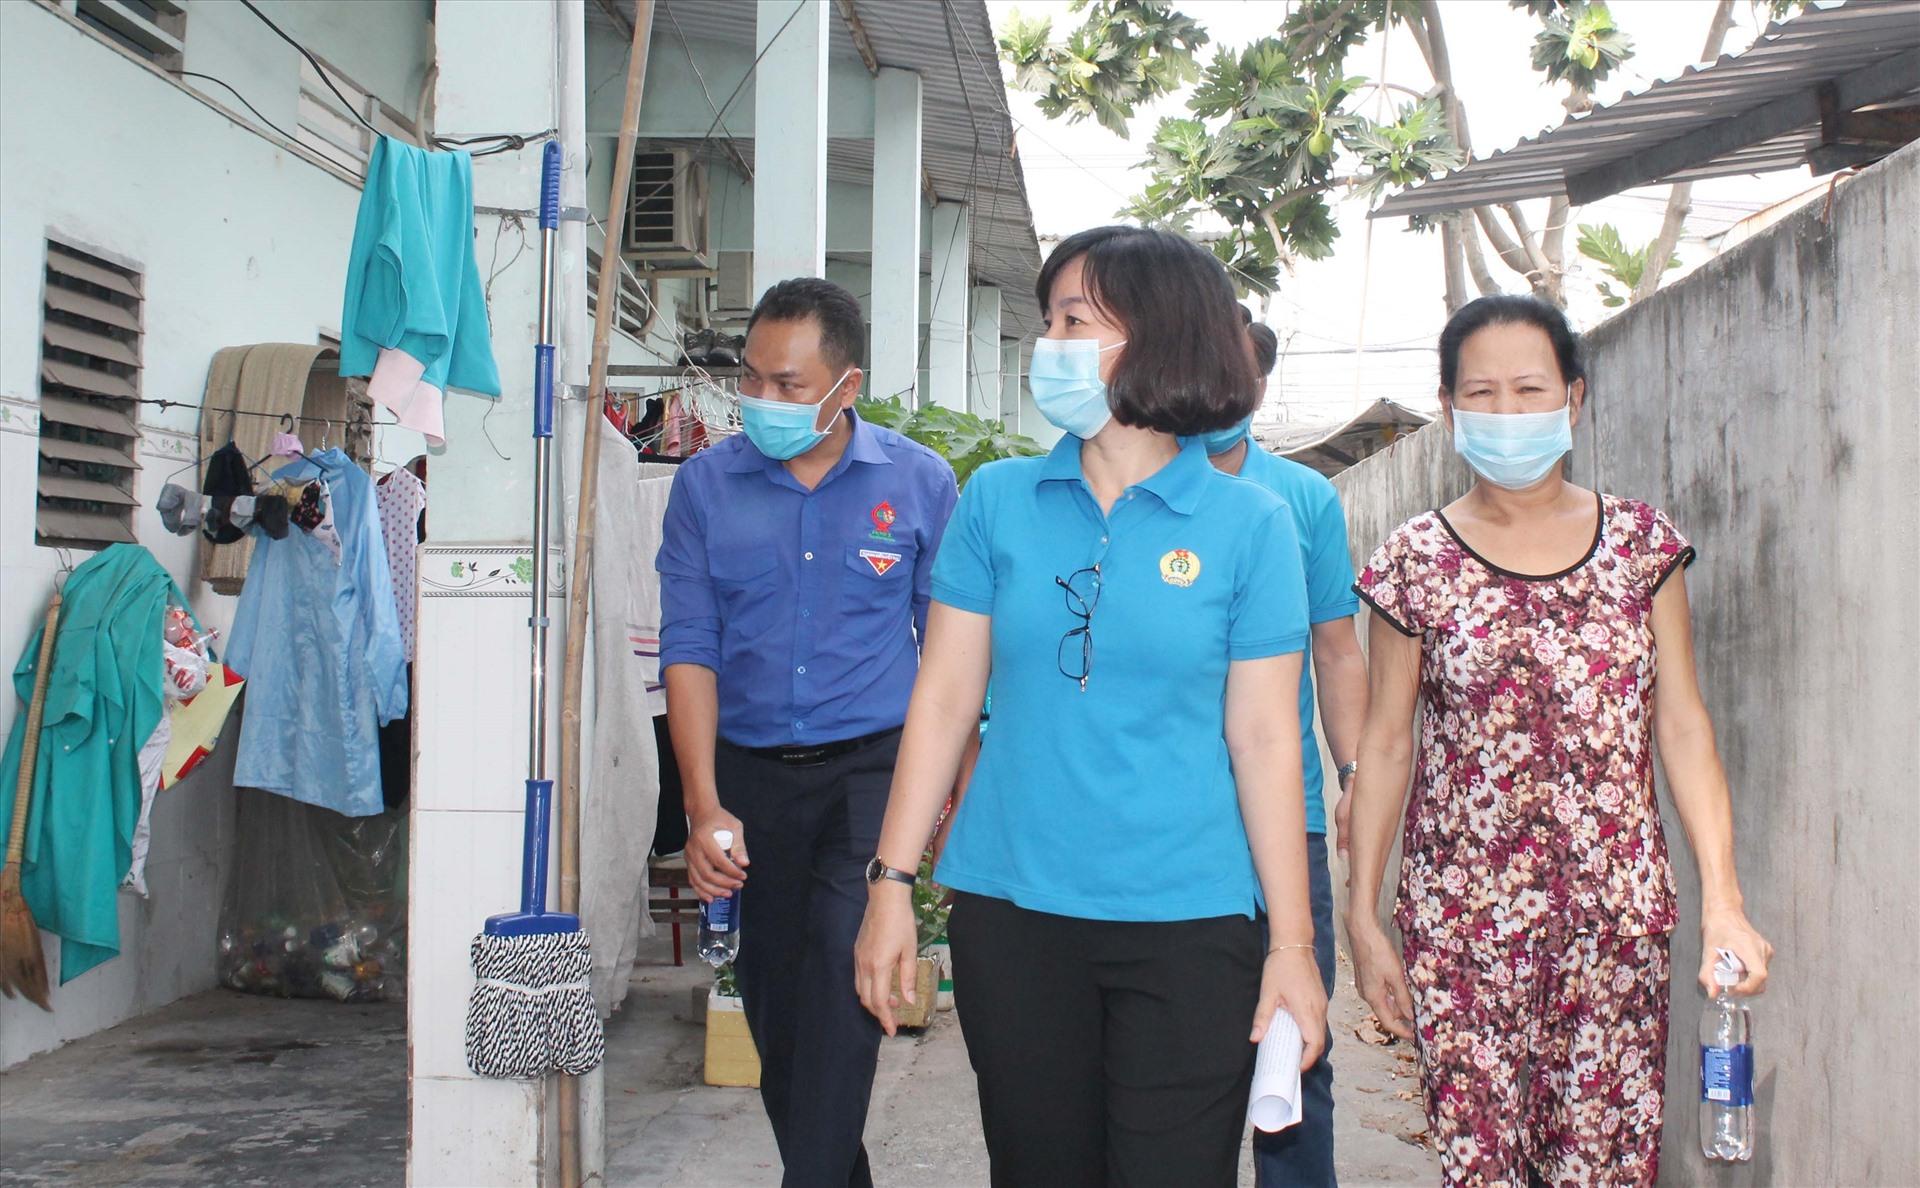 Bà Trương Thị Bích Hạnh (đi giữa) khảo sát thực tế đời sống NLĐ trước ảnh hưởng của dịch bệnh Covid-19.